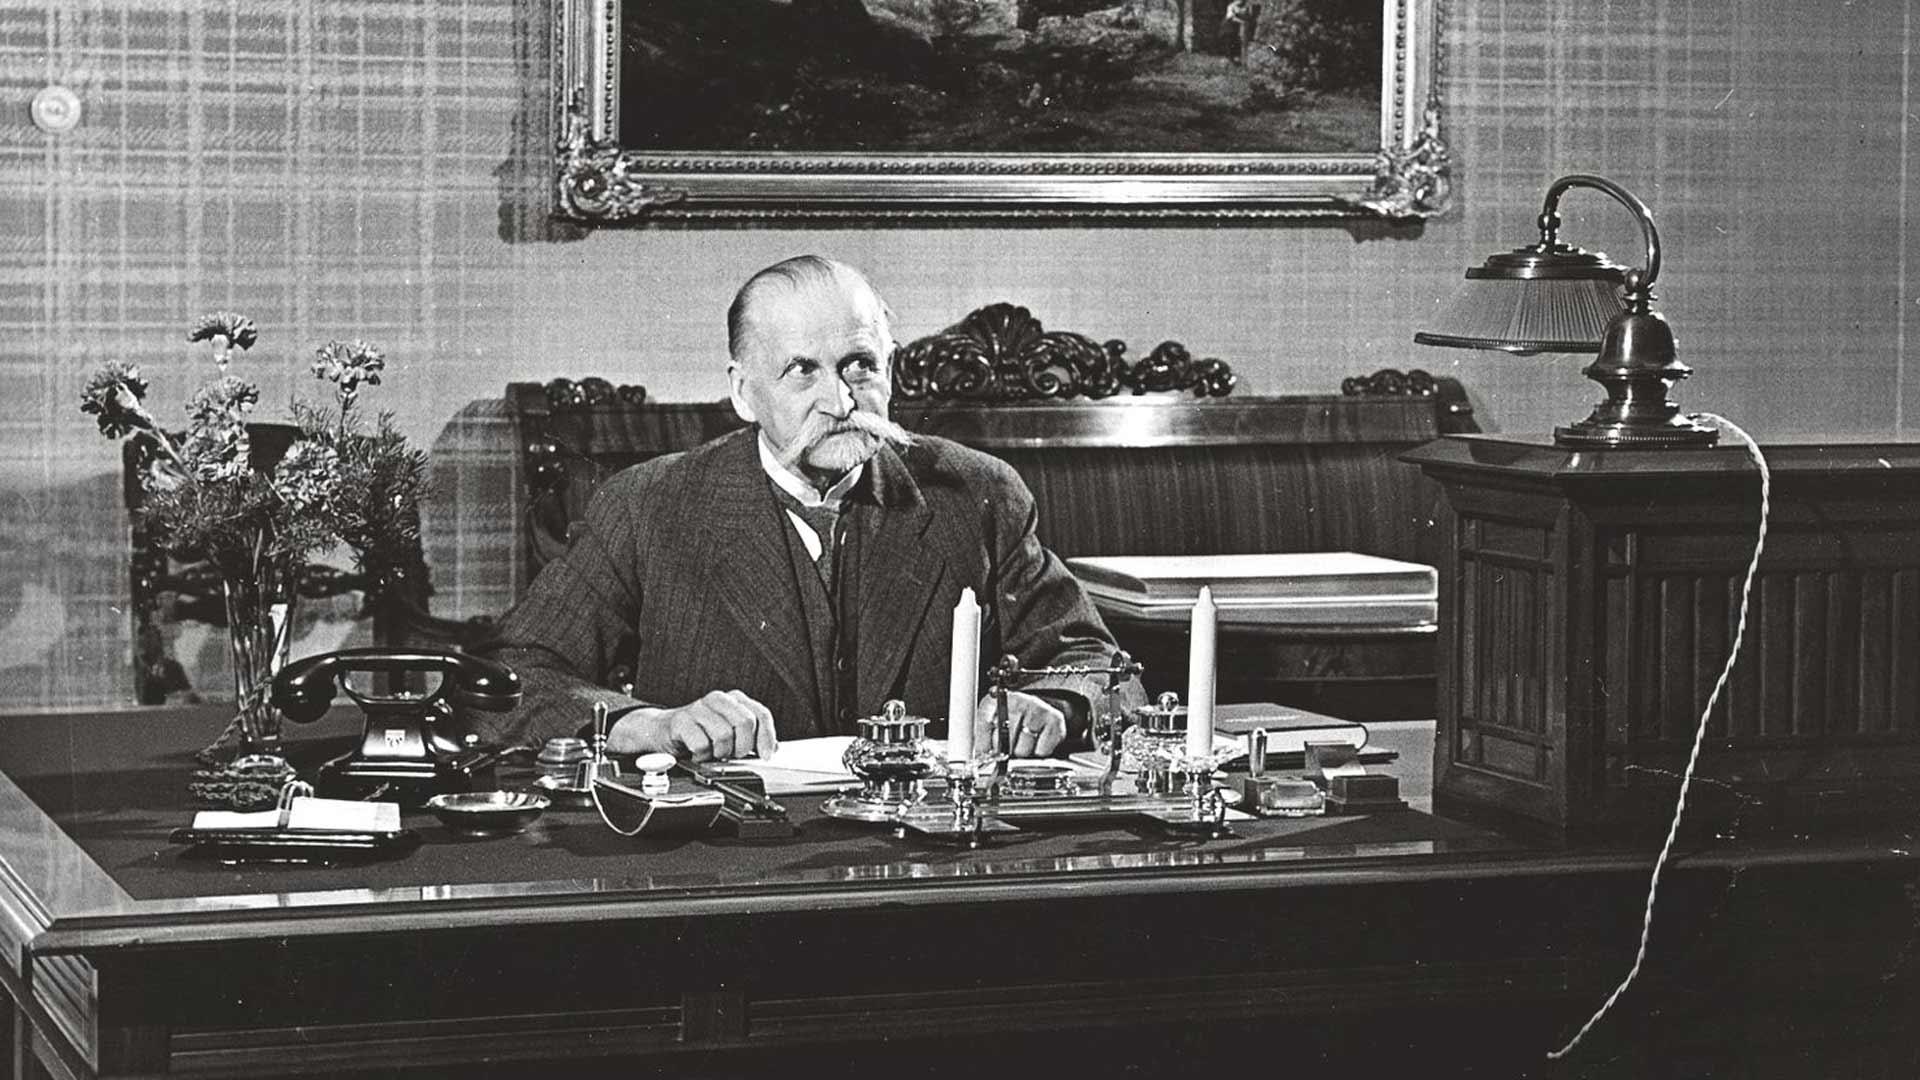 Presidentti Kallio oli uuttera työmyyrä, jonka oli vaikea pysyä poissa työpöytänsä äärestä.